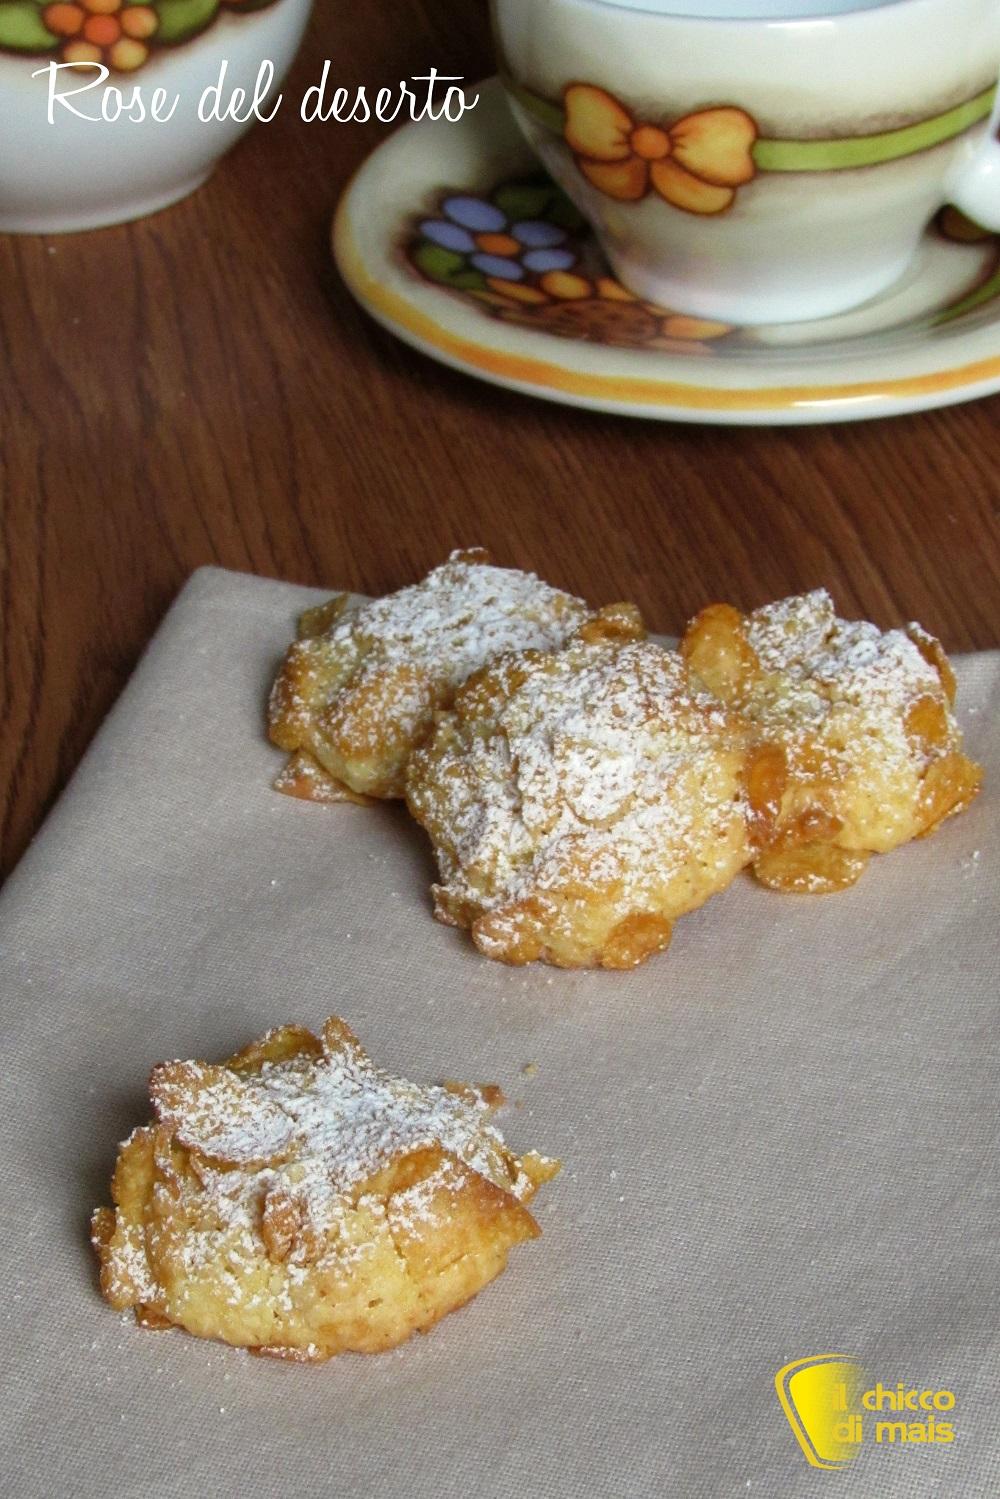 verticale_Rose del deserto ricetta biscotti facili con corn flakes il chicco di mais